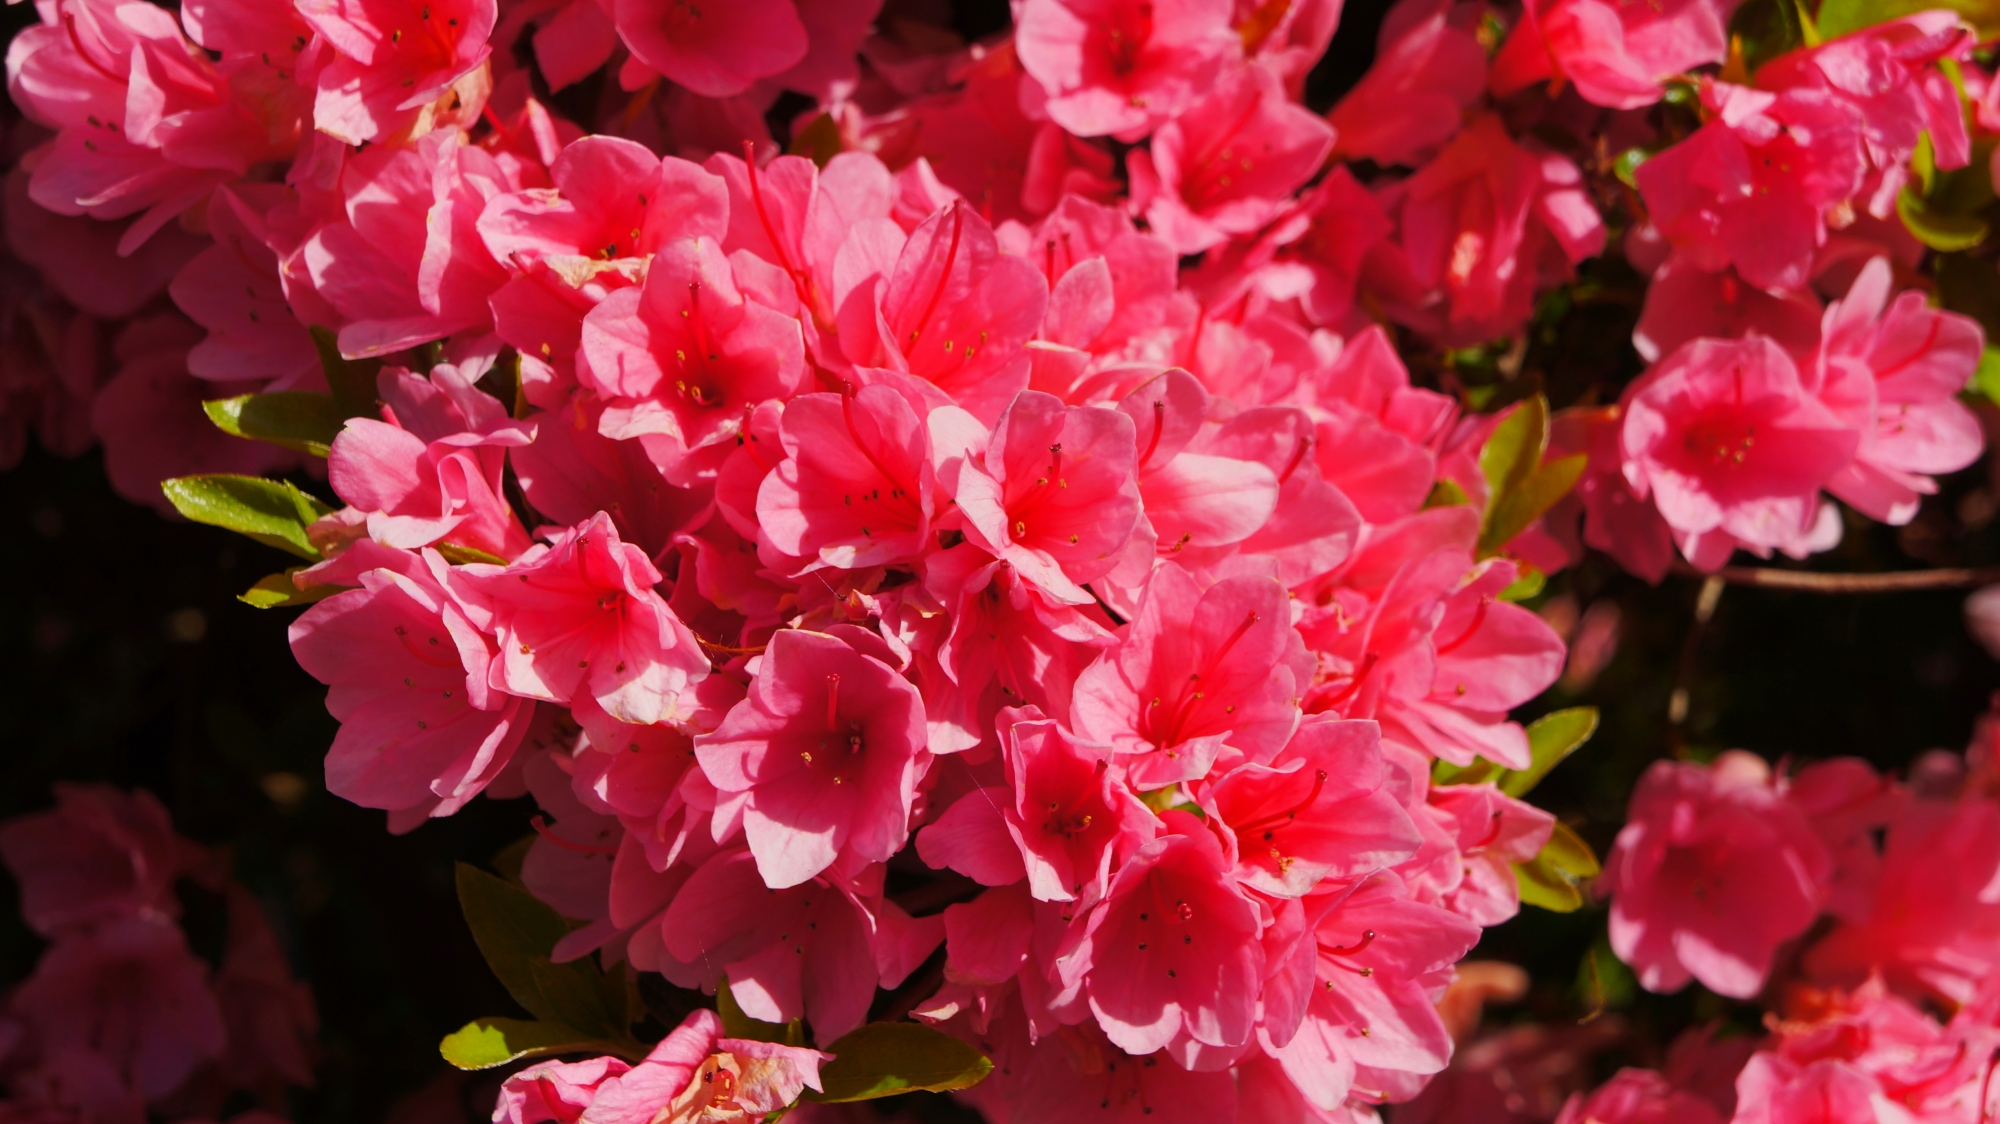 鮮やかな濃いピンクのツツジの花